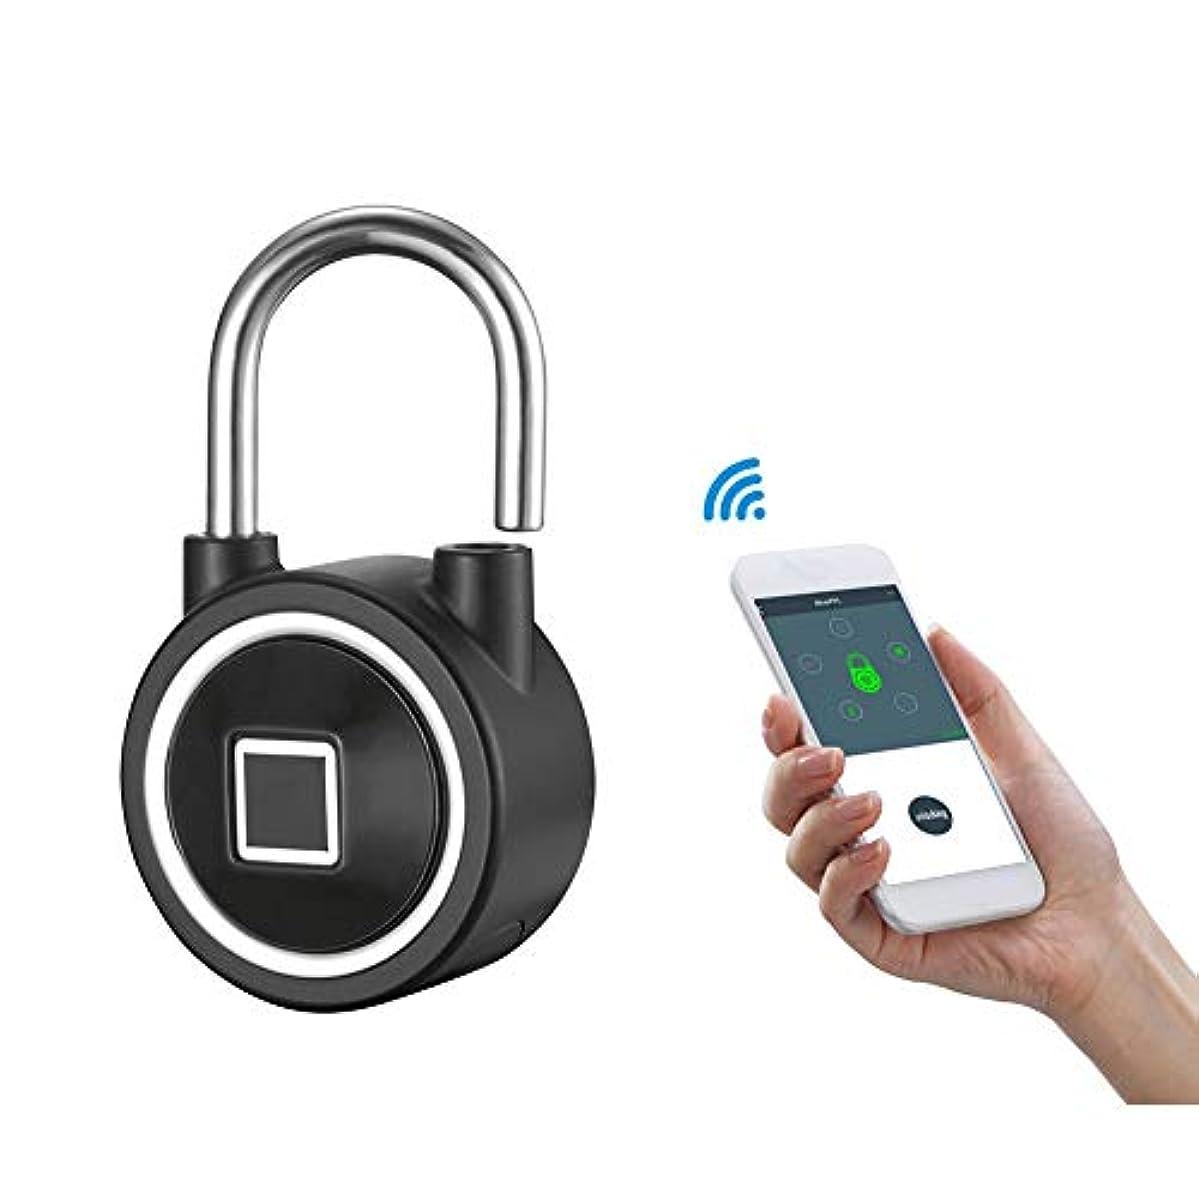 一瞬透過性抑止する小さい エレクトロニクス 南京錠 インテリジェントな Bluetooth APP 指紋(15個) 荷物のロック (キーレスロック解除)、 アウトドア 盗難防止用ロック,Black